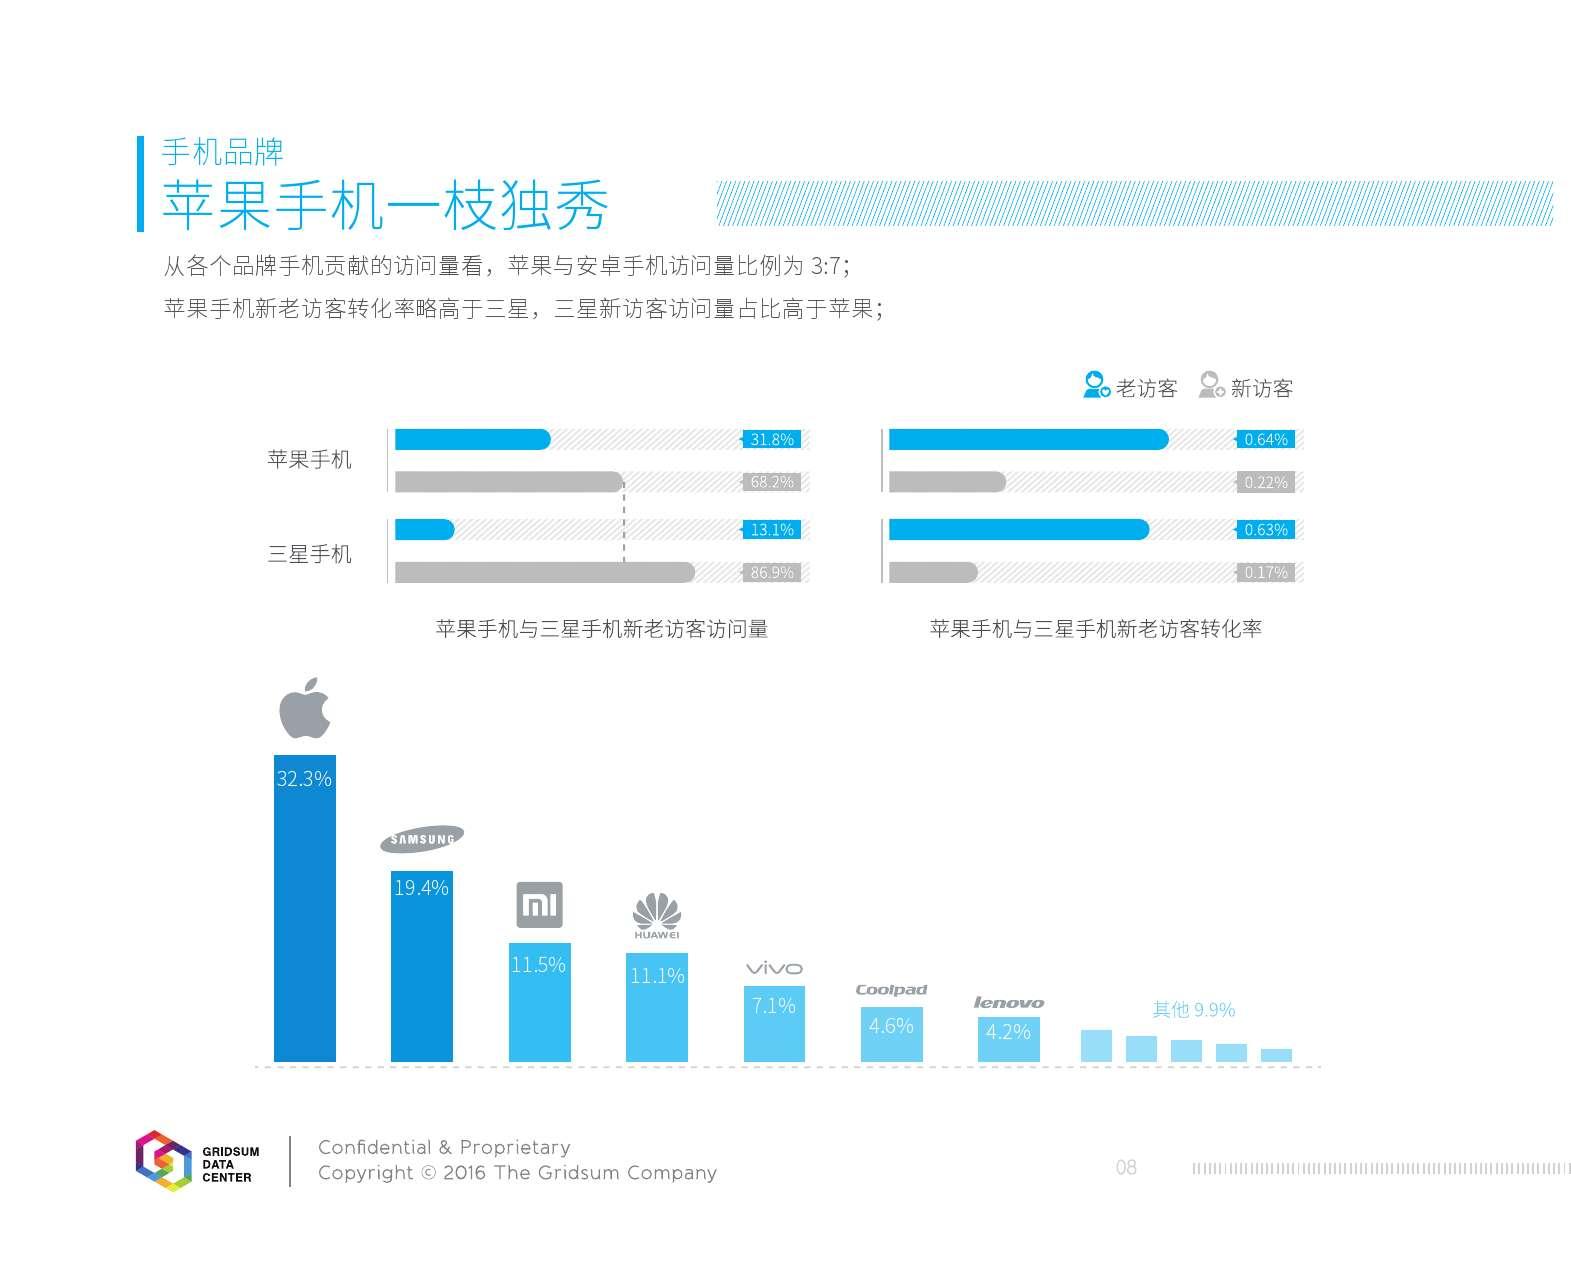 2015中国互联网发展报告_000010